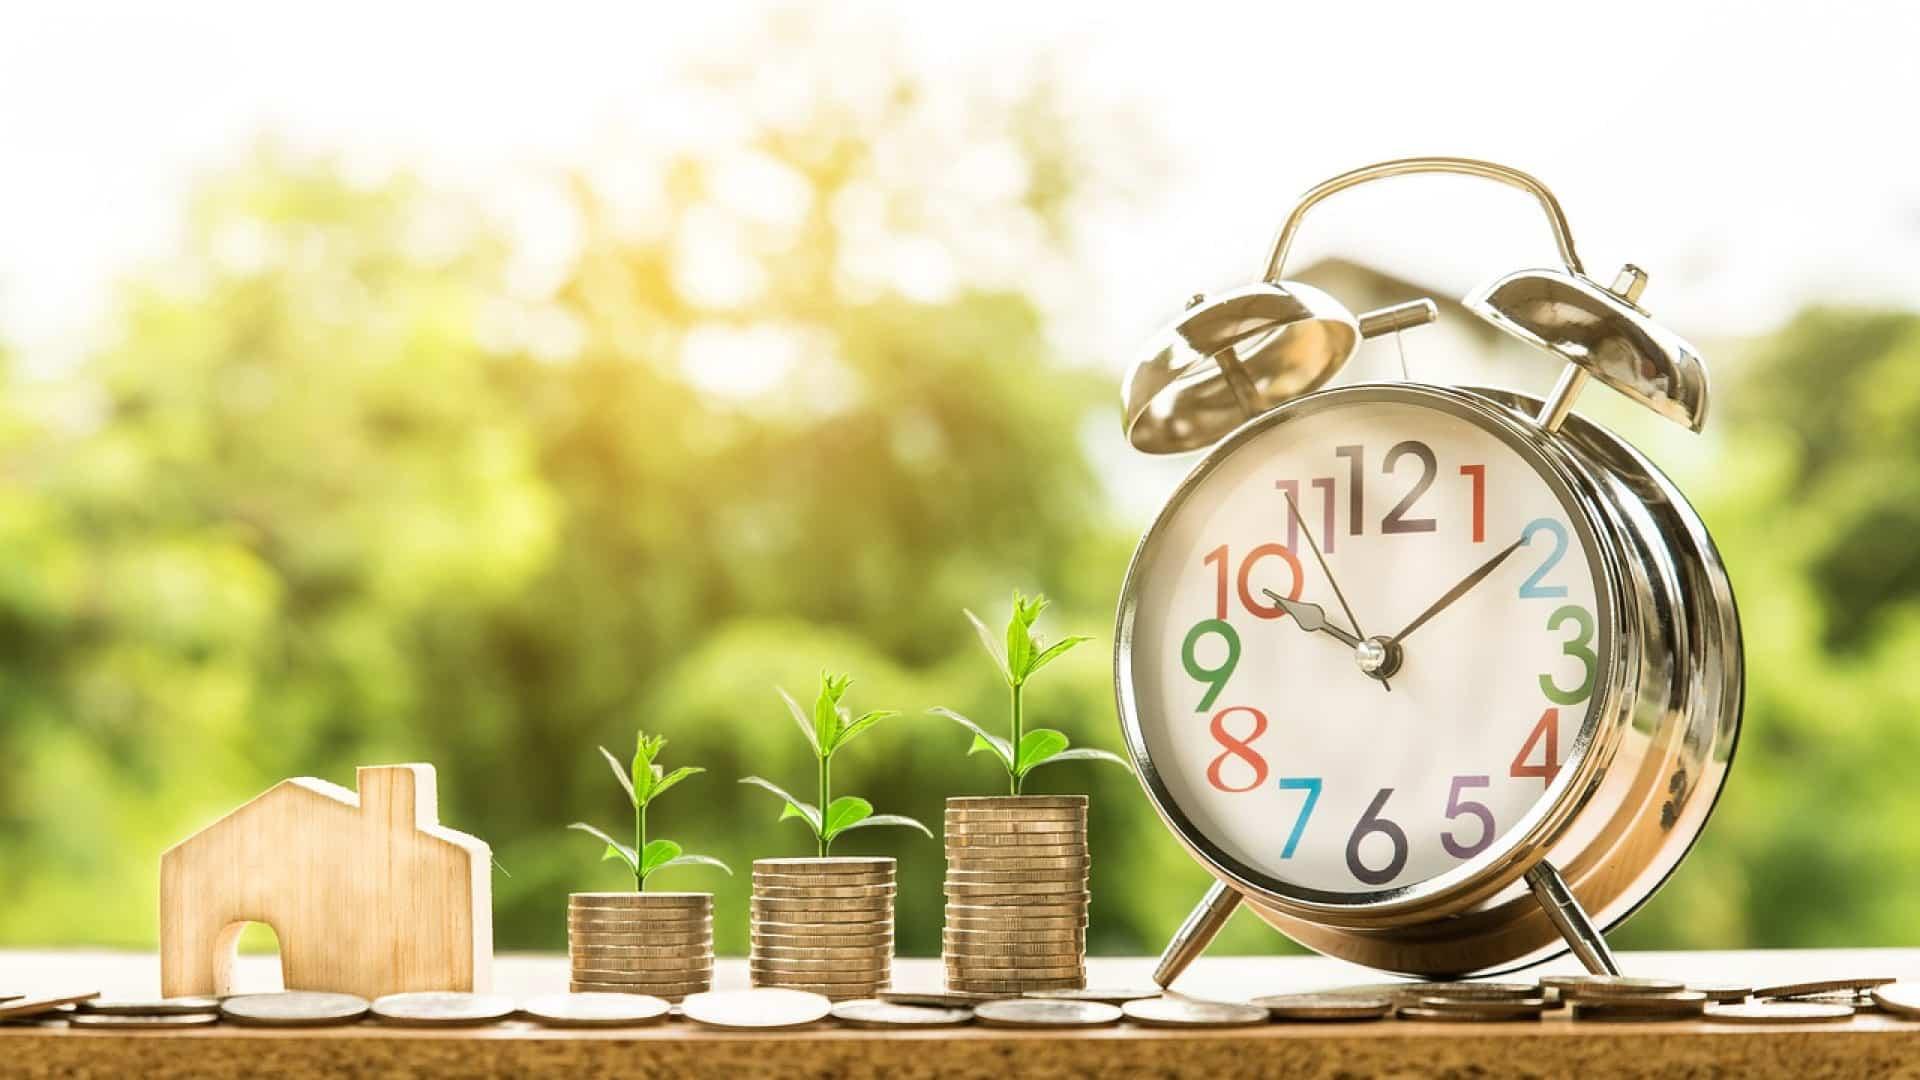 Achat d'un bien immobilier : comment calculer son taux d'endettement ?